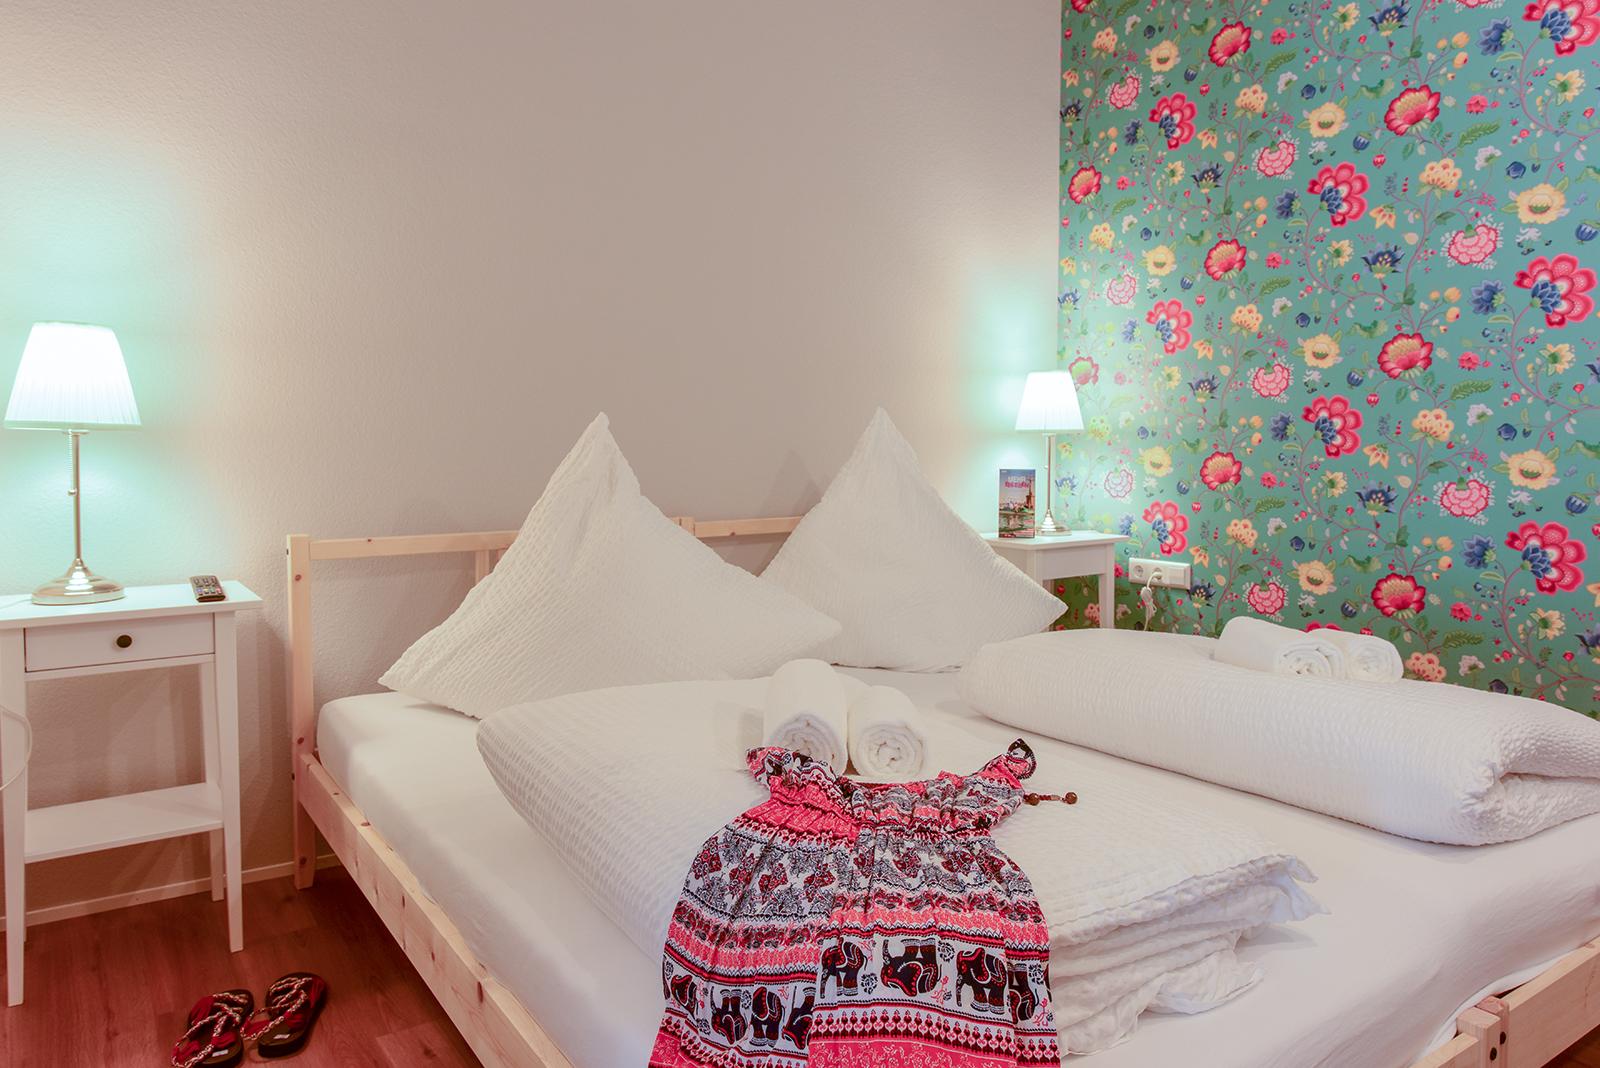 Ferienwohnung am Bodensee: City Appartement 2 - Schlafzimmer